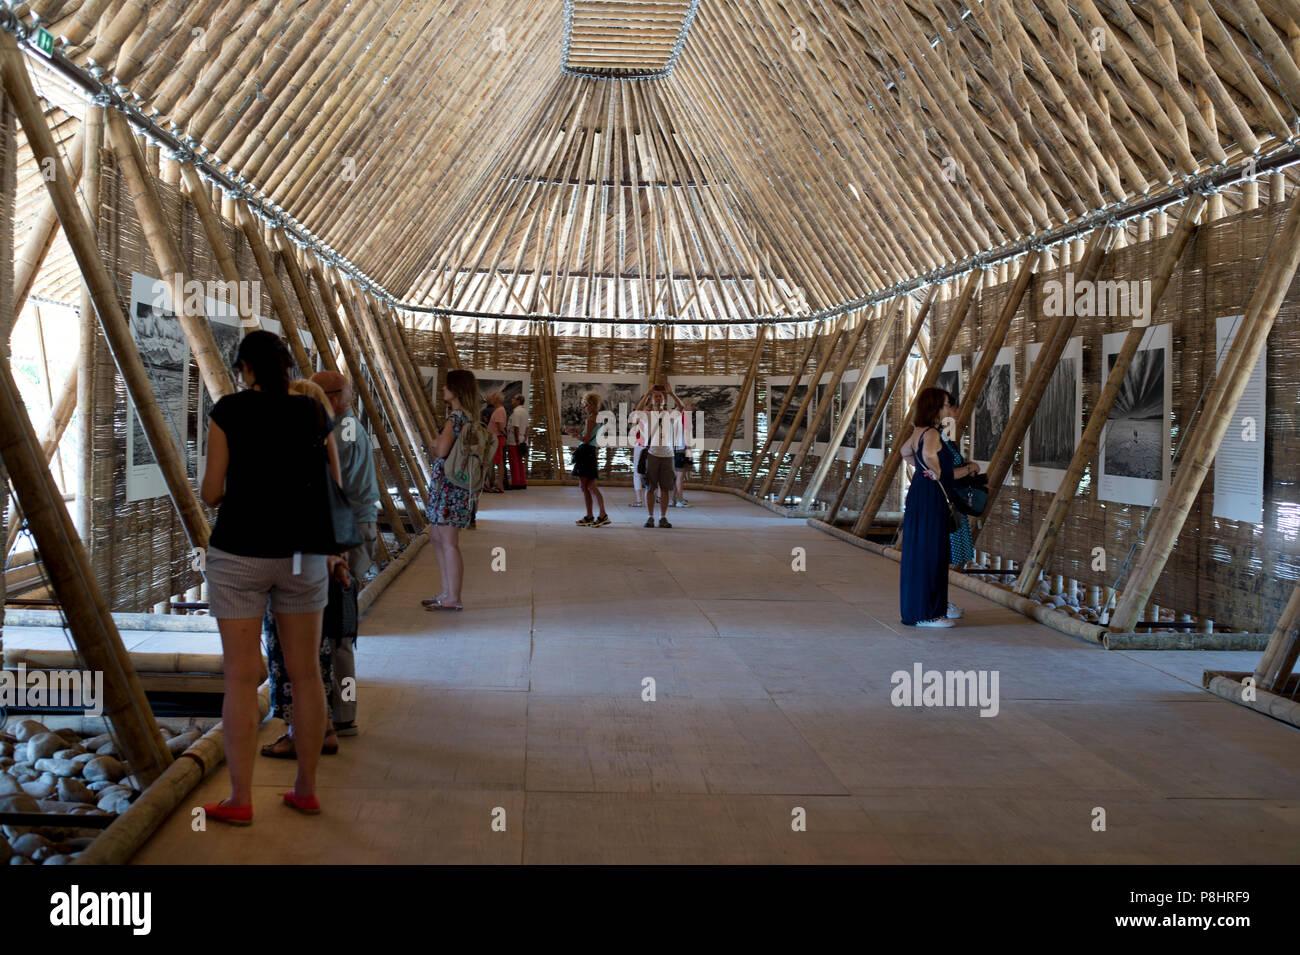 Arles Frankreich Pop Up Bambus Pavillon Mit Kontemplation Eine